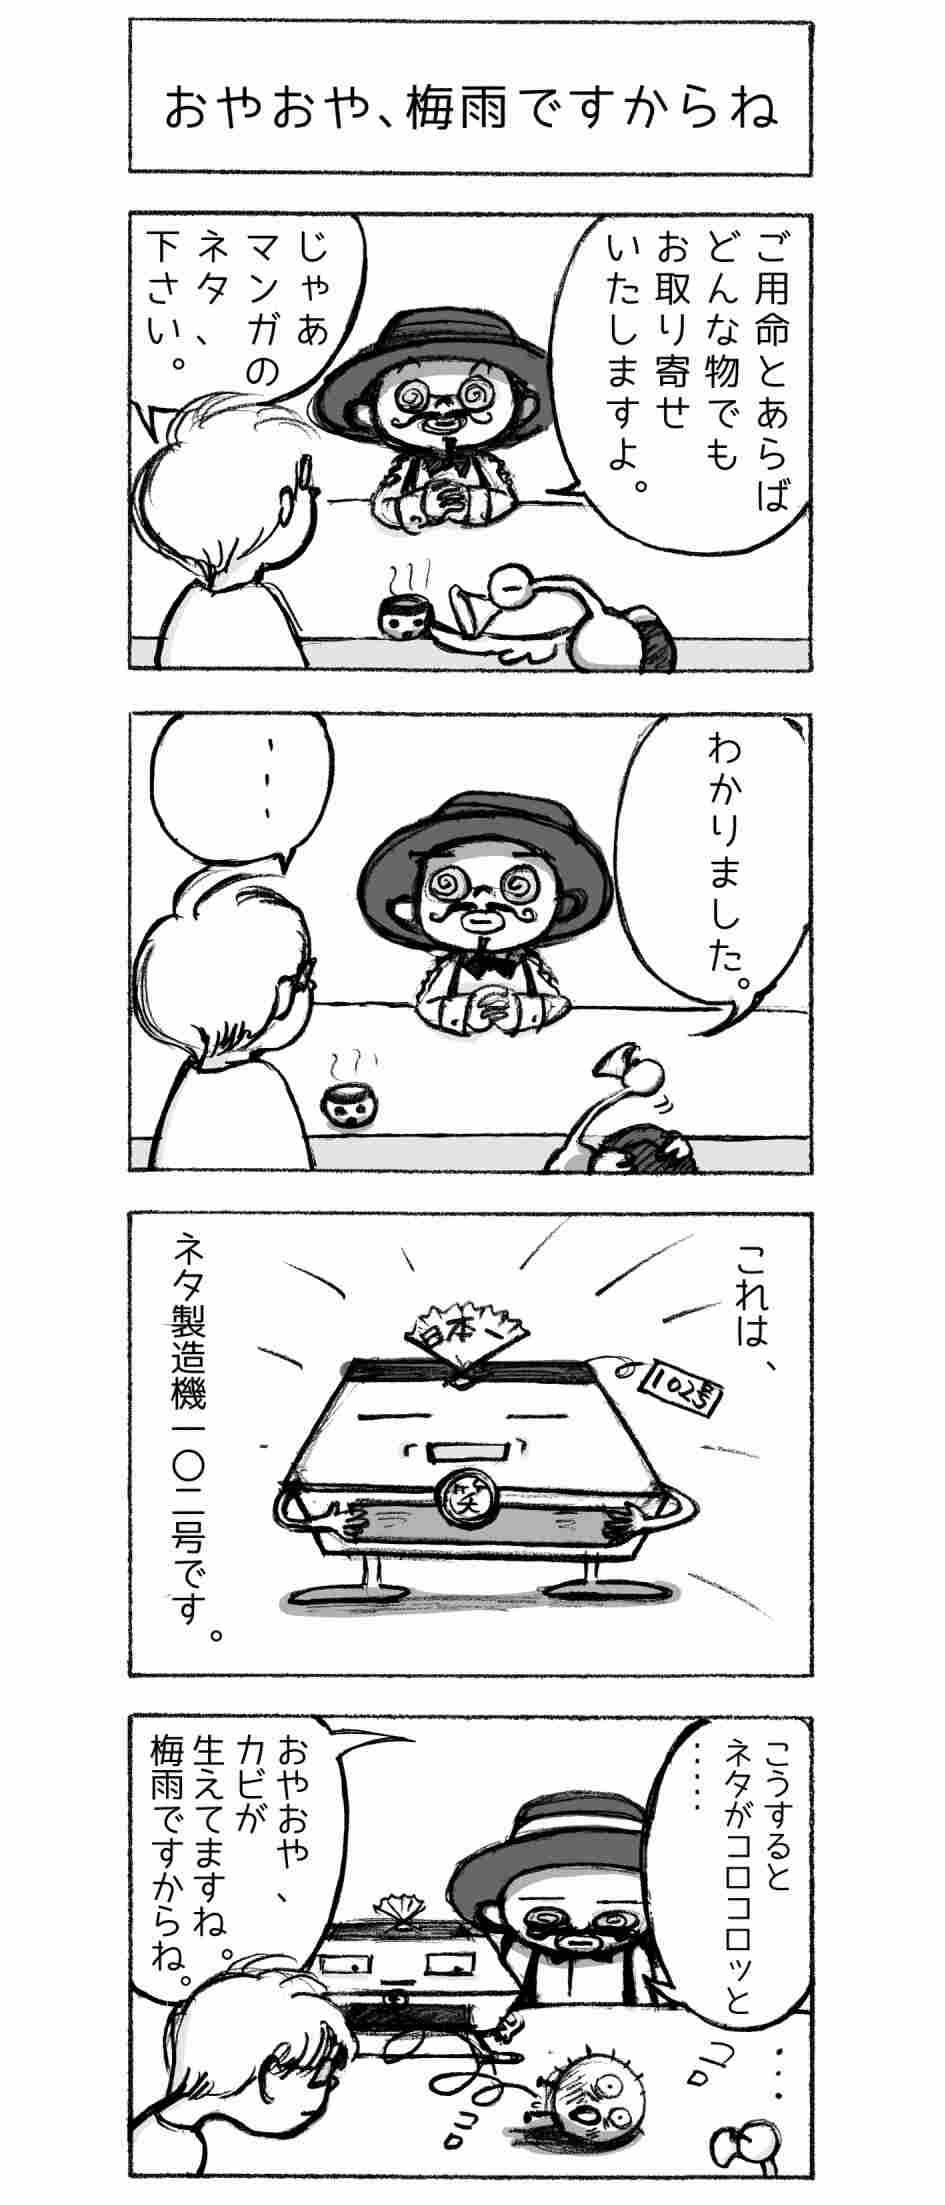 ナゾノ商會4コマ漫画おやおや梅雨ですからね2